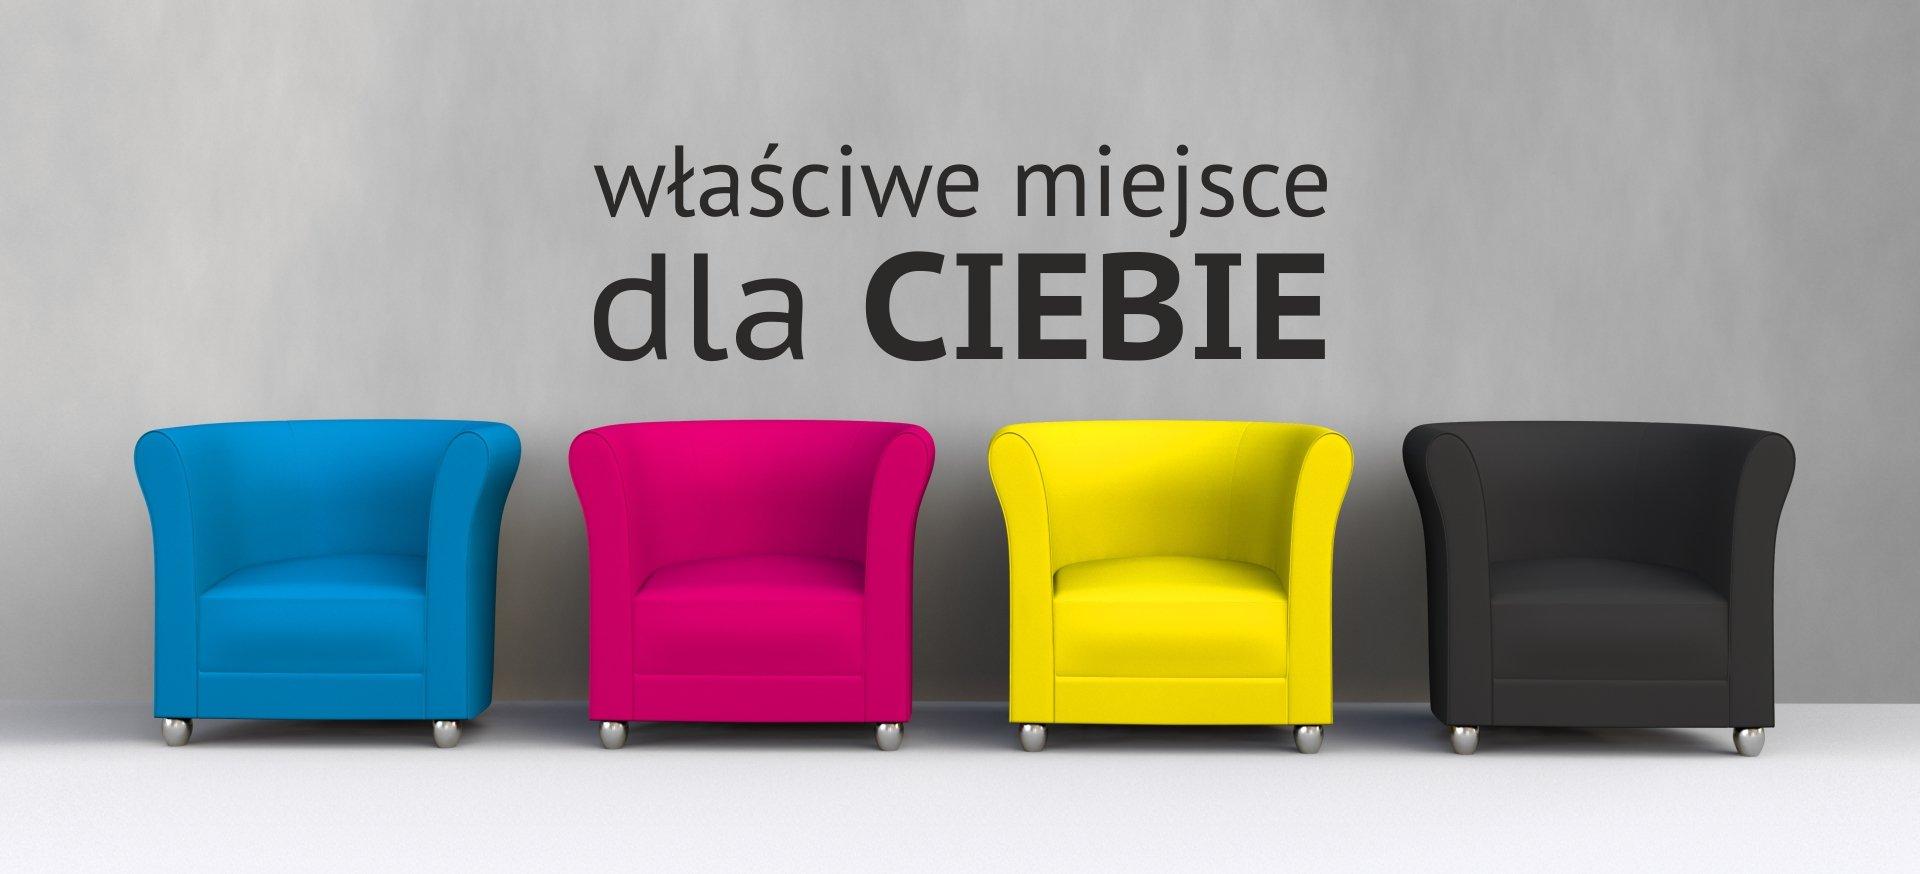 Drukarnia Katowice Druk Plakatów I Posterów Plakaty